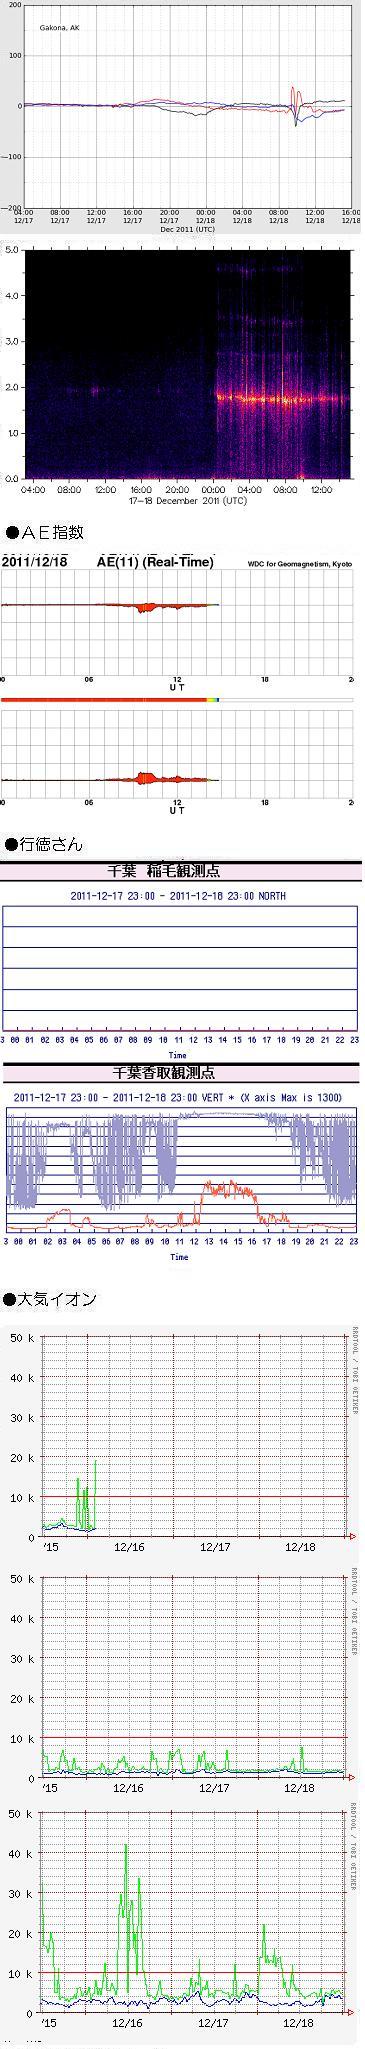 1219-1 データ